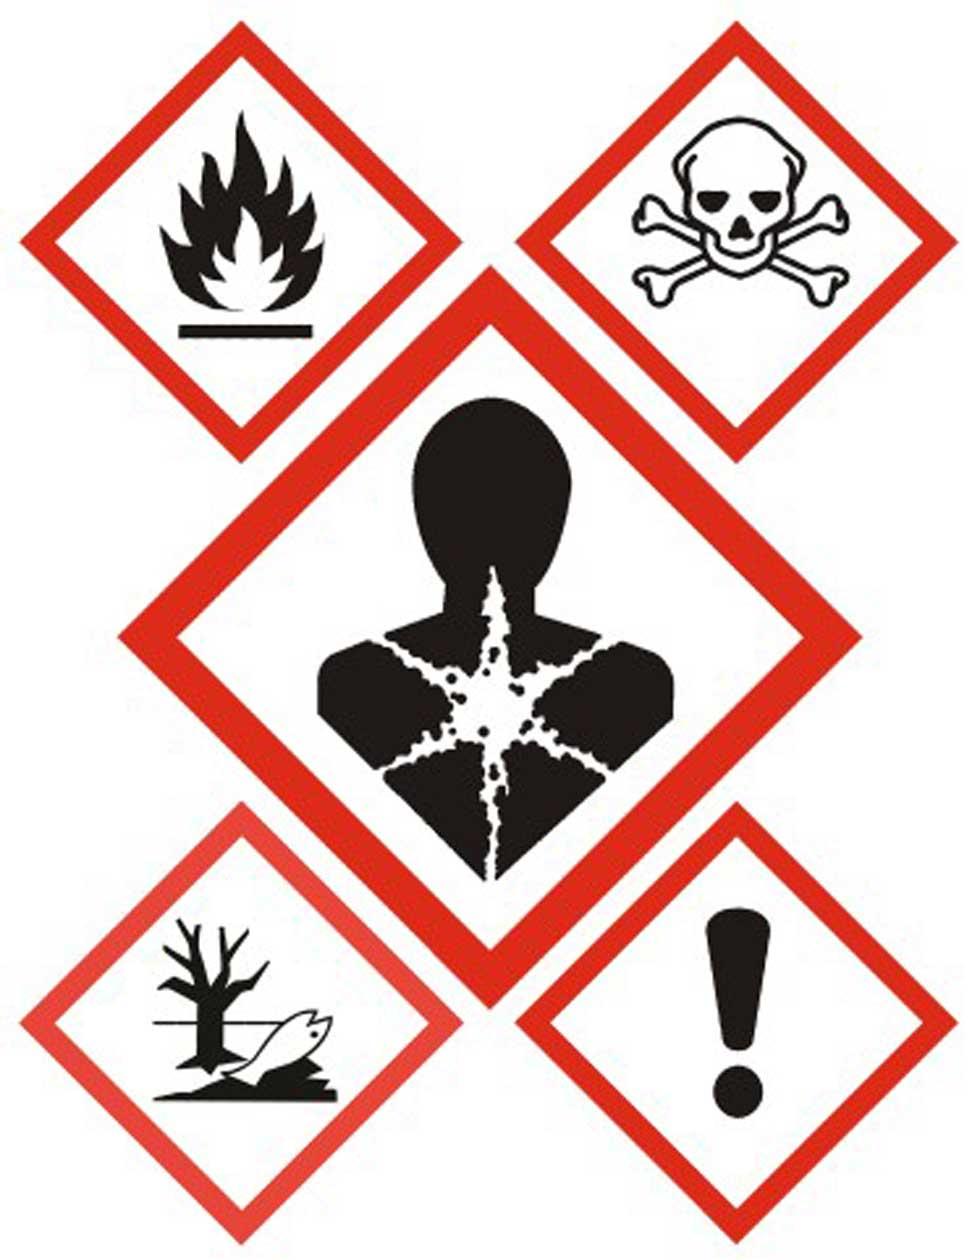 GHS Gefahrstoffsymbole - Schwarze Piktogramm in rotem Rahmen